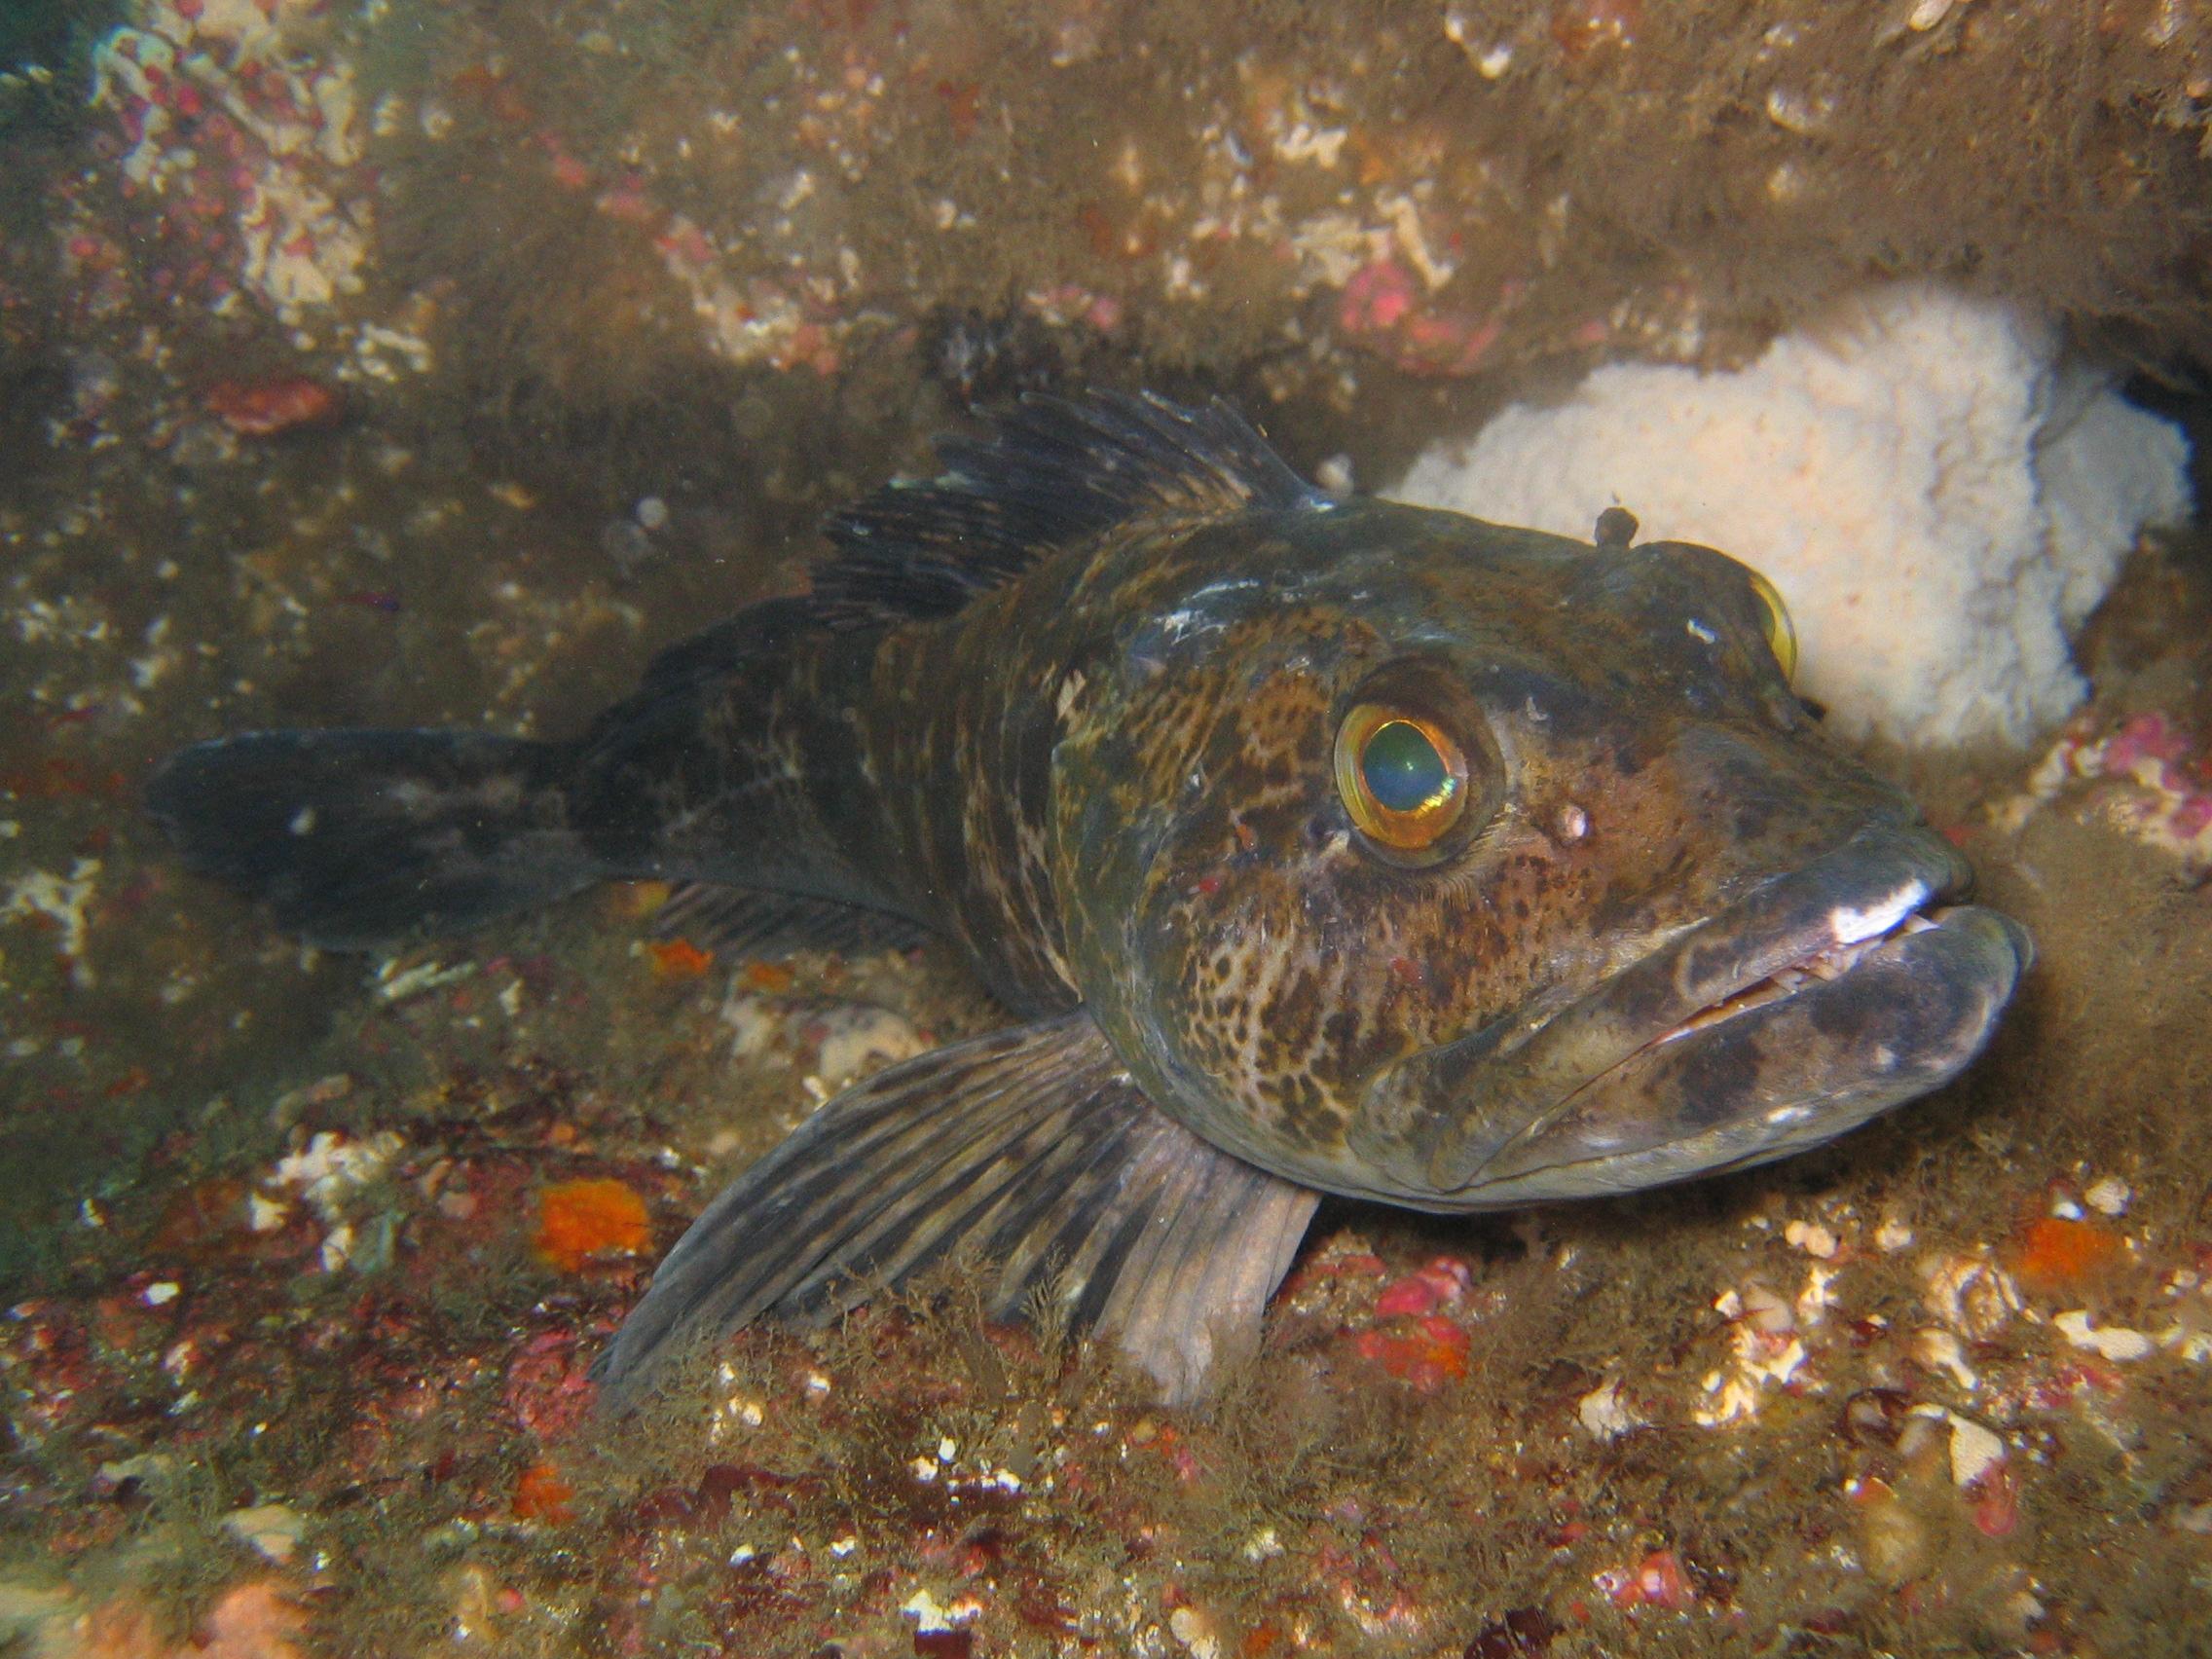 Отчёты о рыбалке 2018краткие  Отчеты о рыбалке  АРК